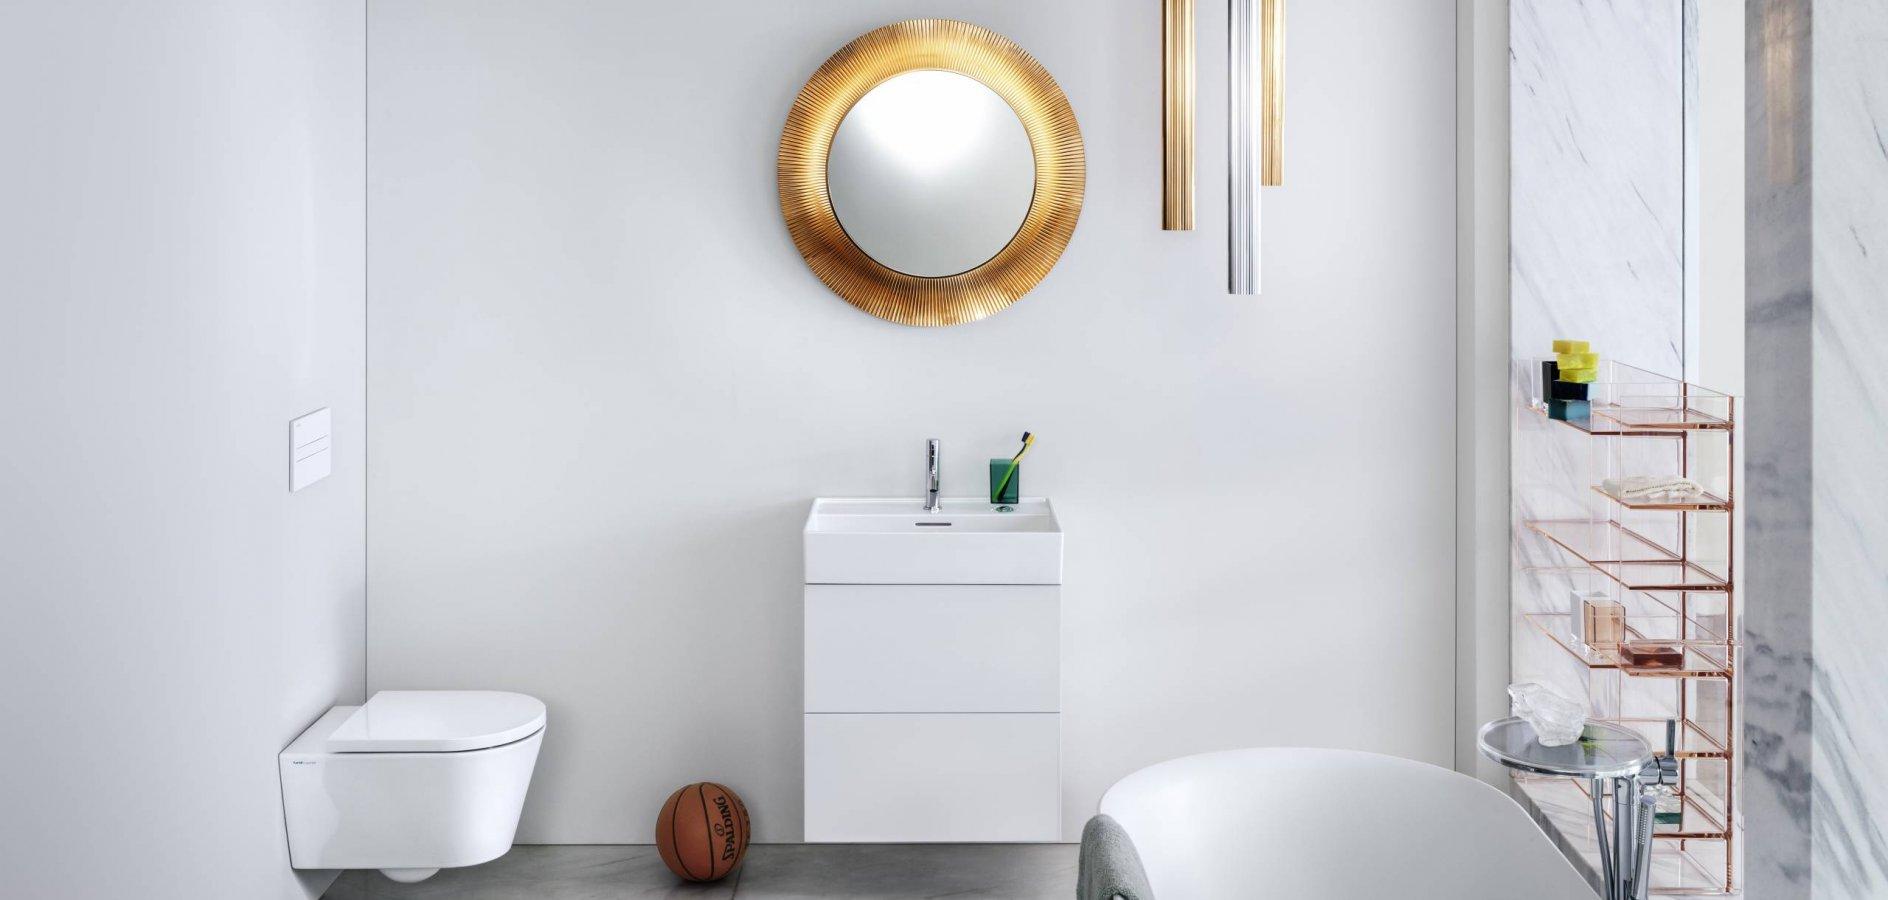 KartellbyLaufen, bathroom, design, designer, laufen